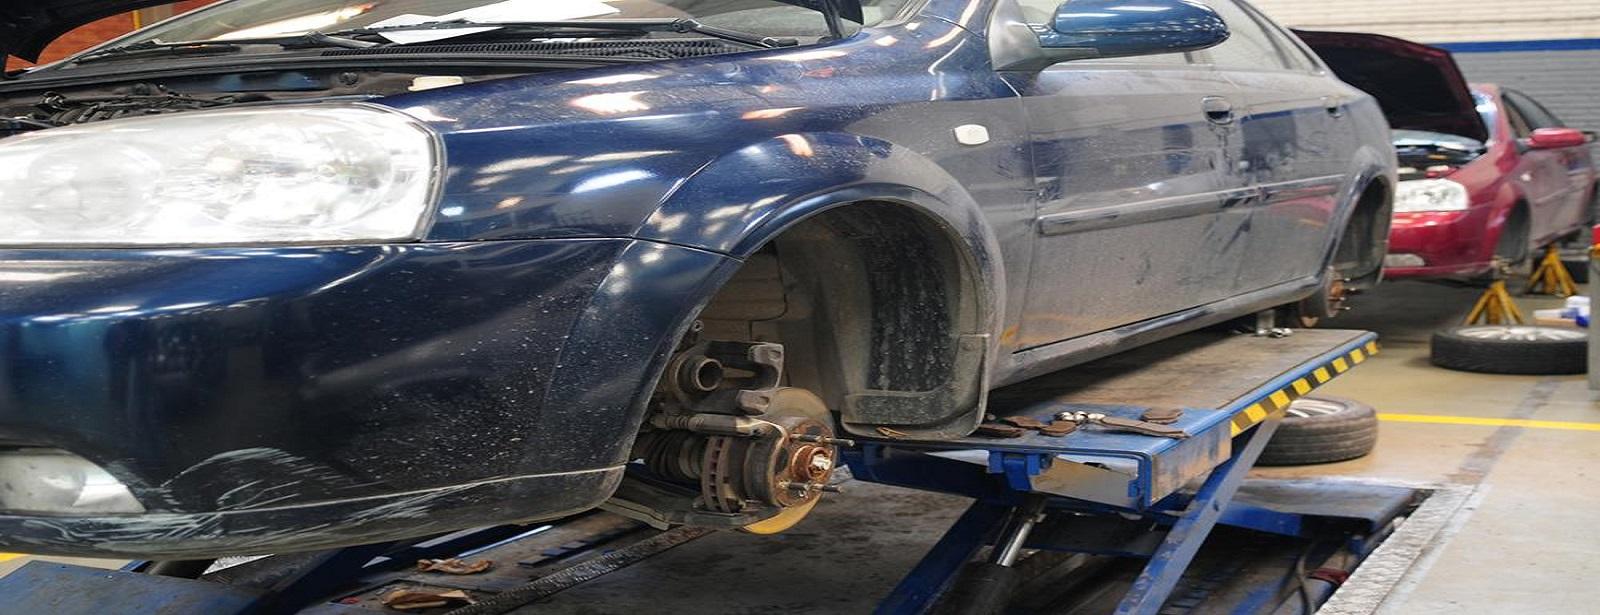 D pannage r paration automobile garage auto 77 melun brie for Garage citroen melun 77